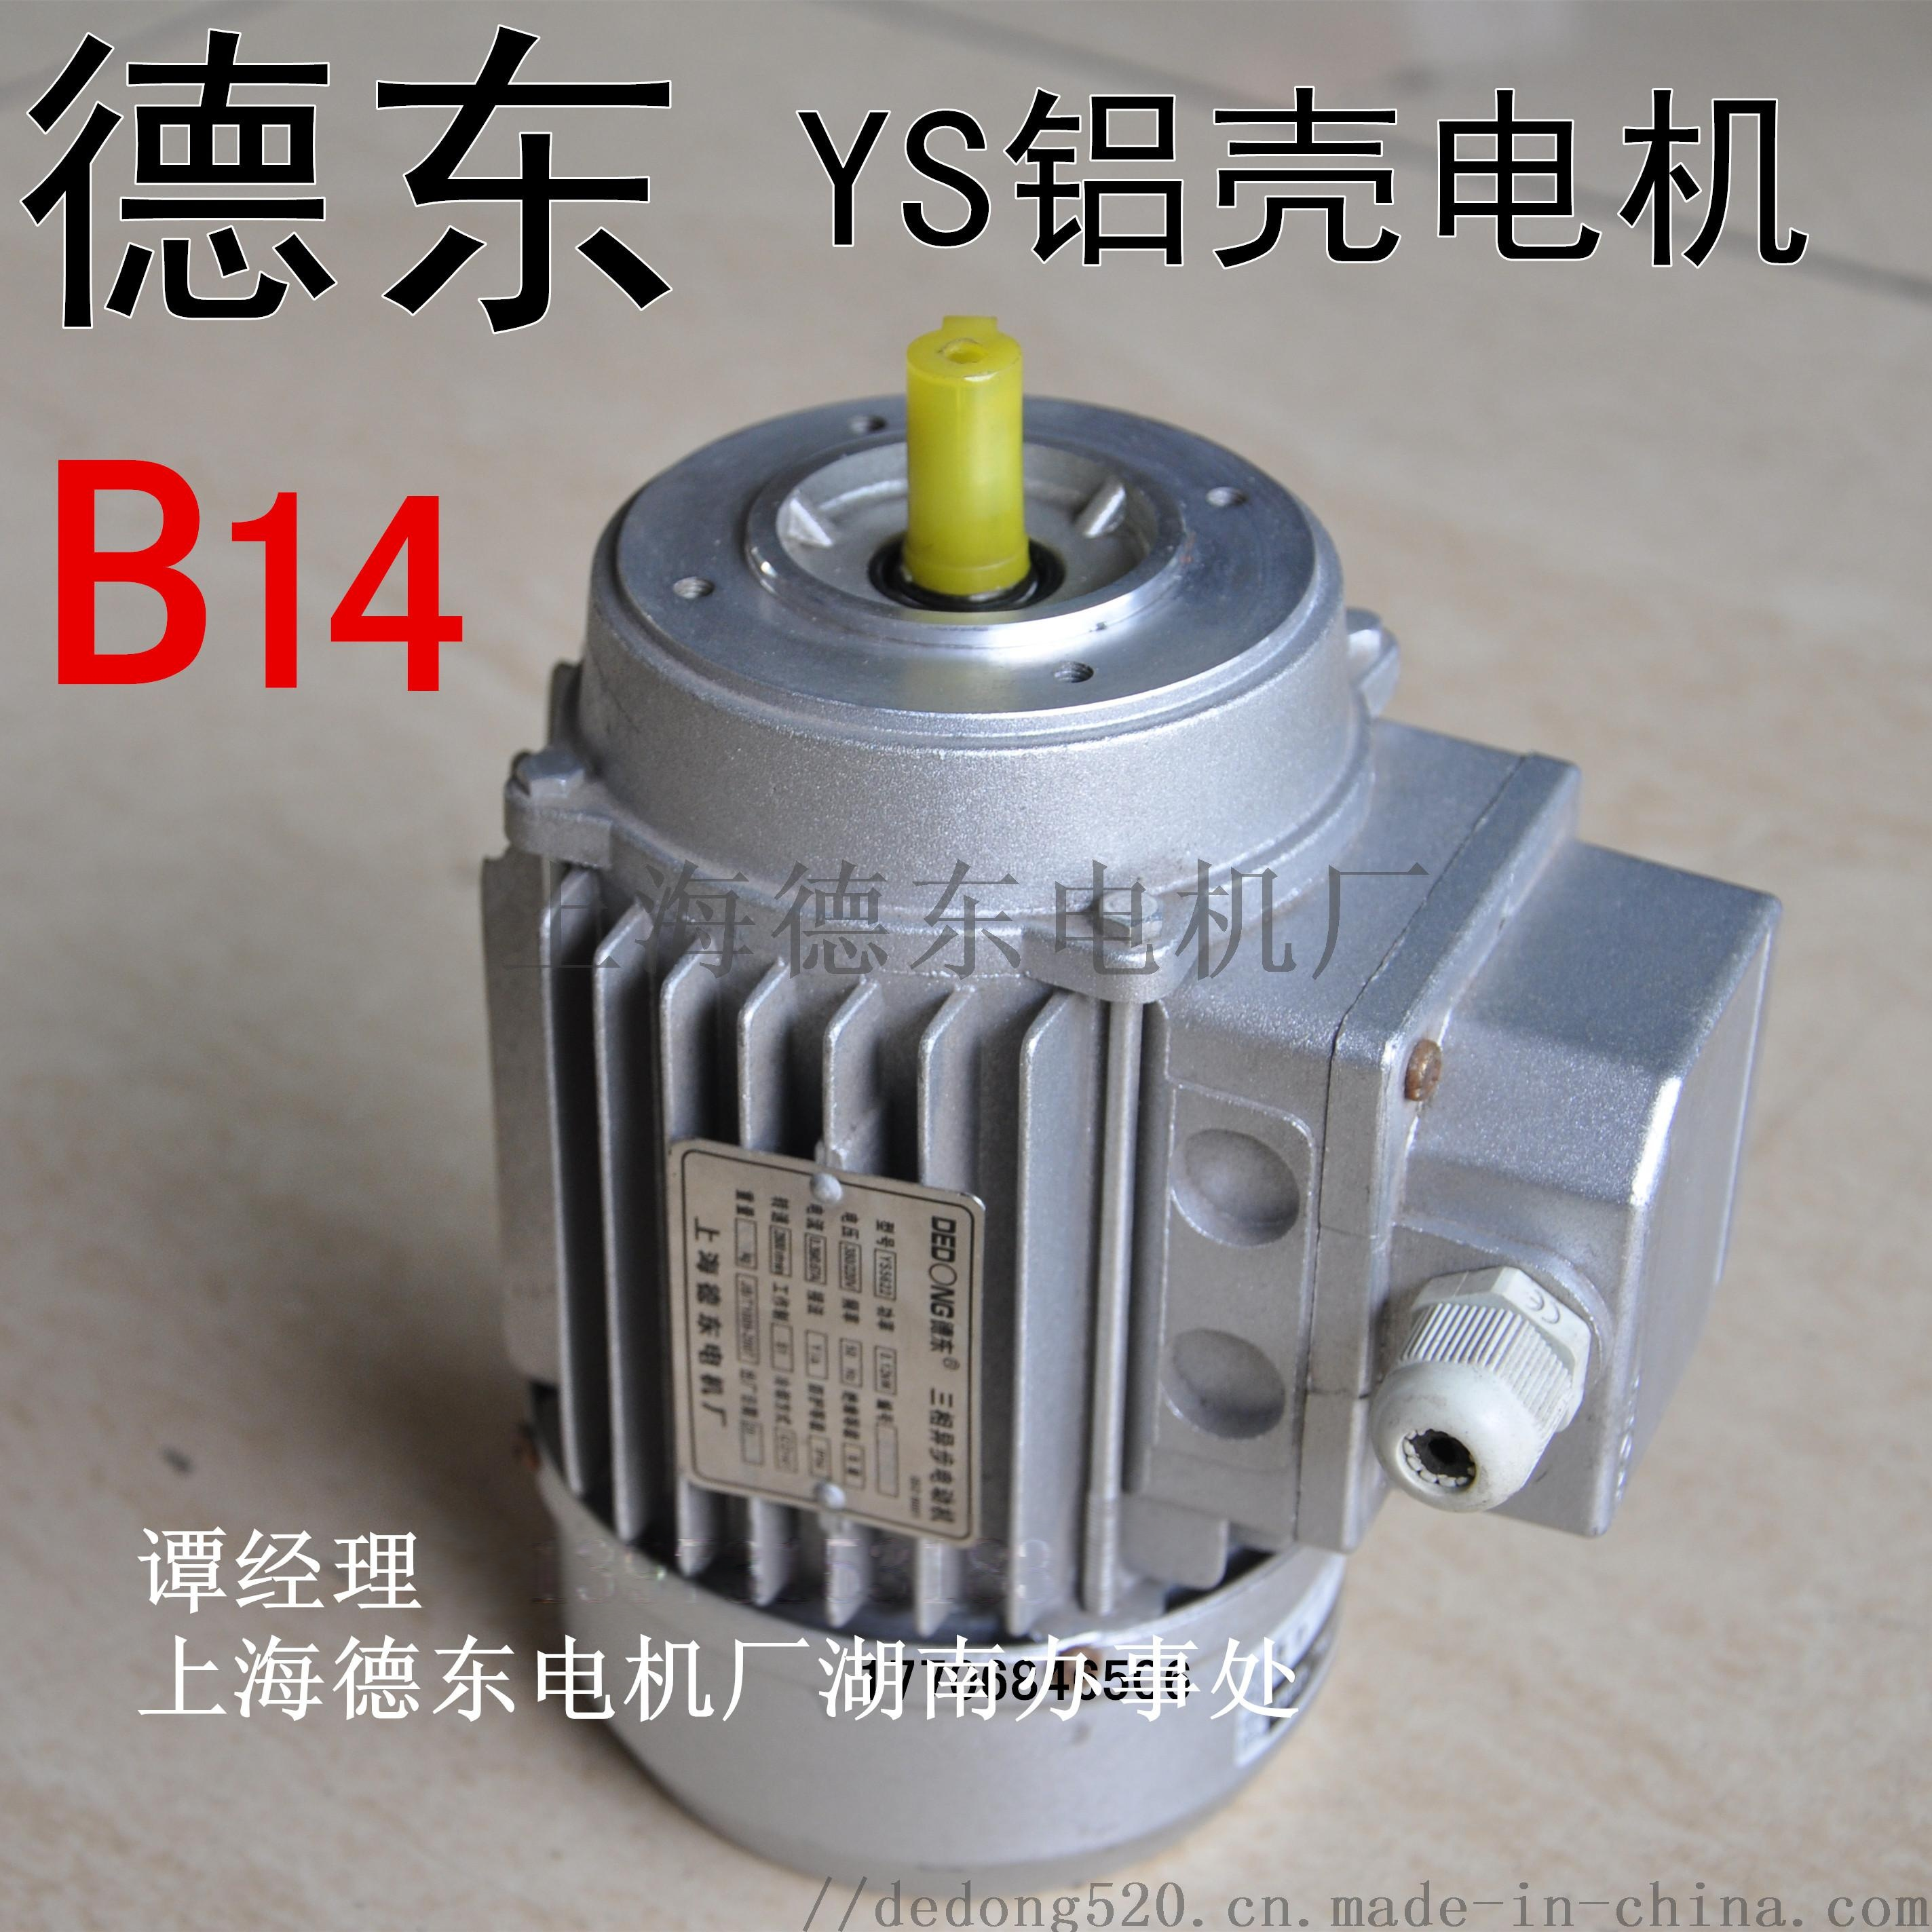 B14电机6_副本.jpg